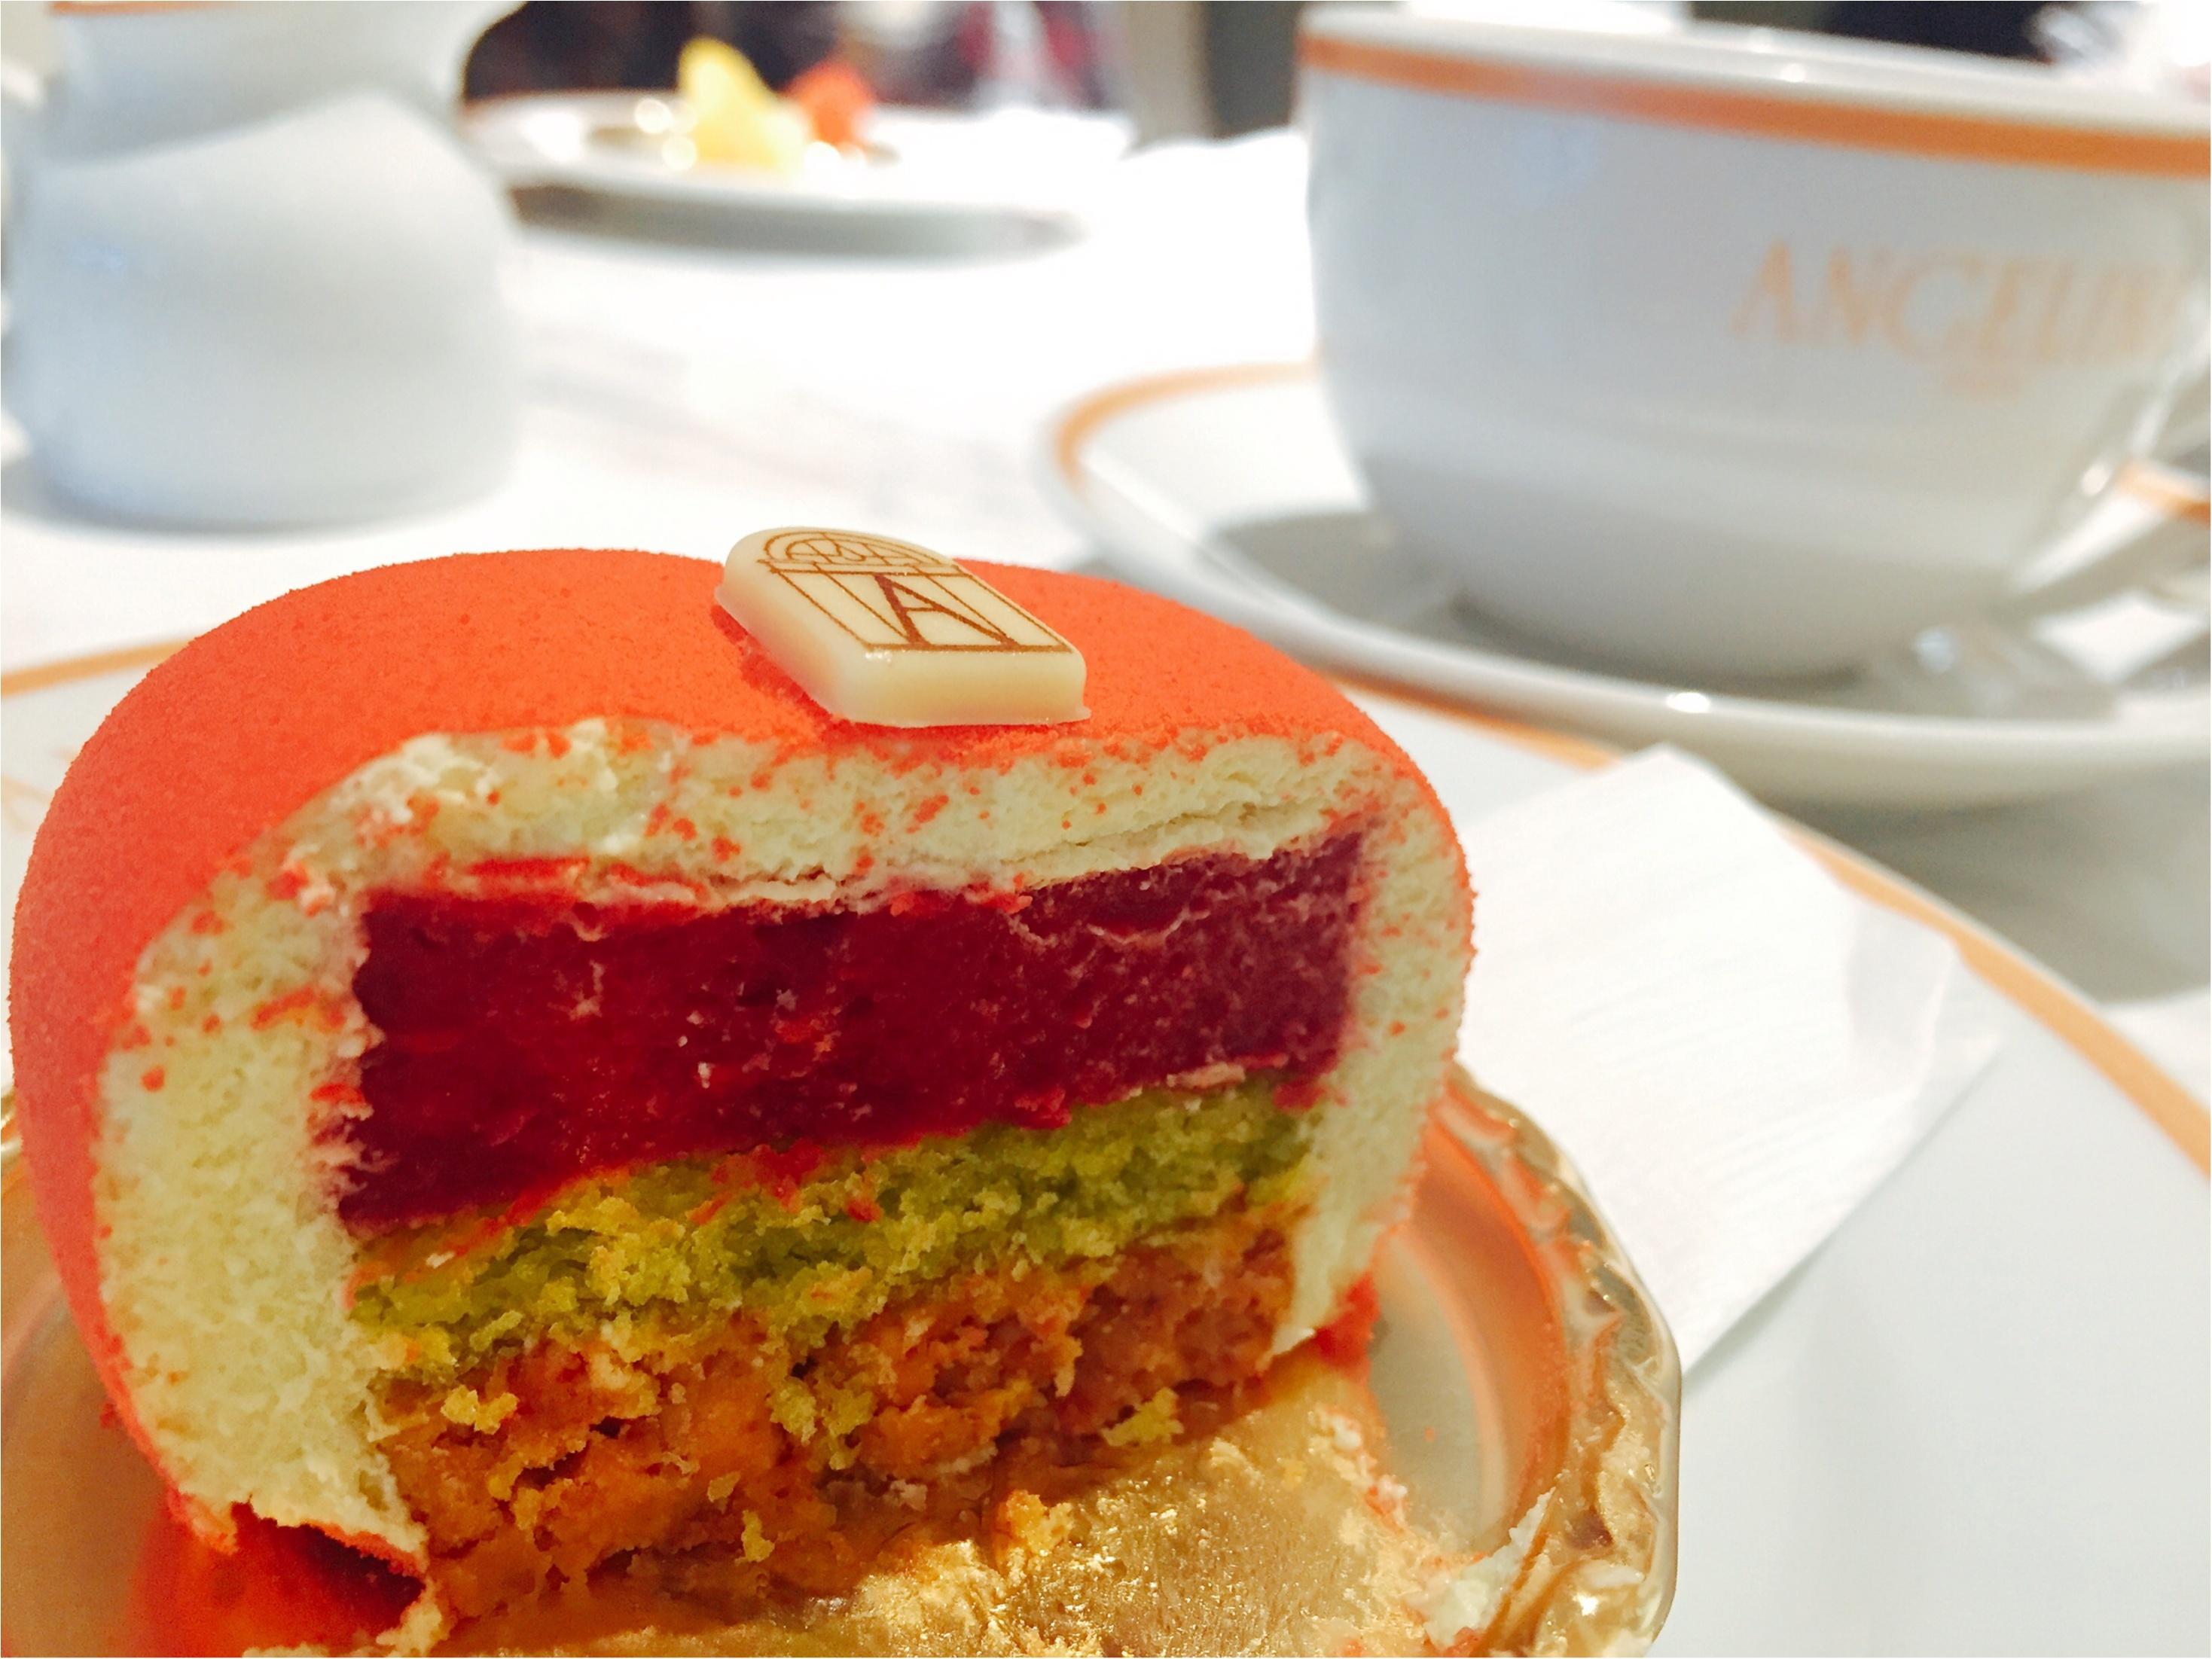 【バレンタイン限定】1903年創業のパリ老舗サロン「ANGELINA」のハート♡ケーキが可愛すぎて食べるのがもったいない!!_7_2